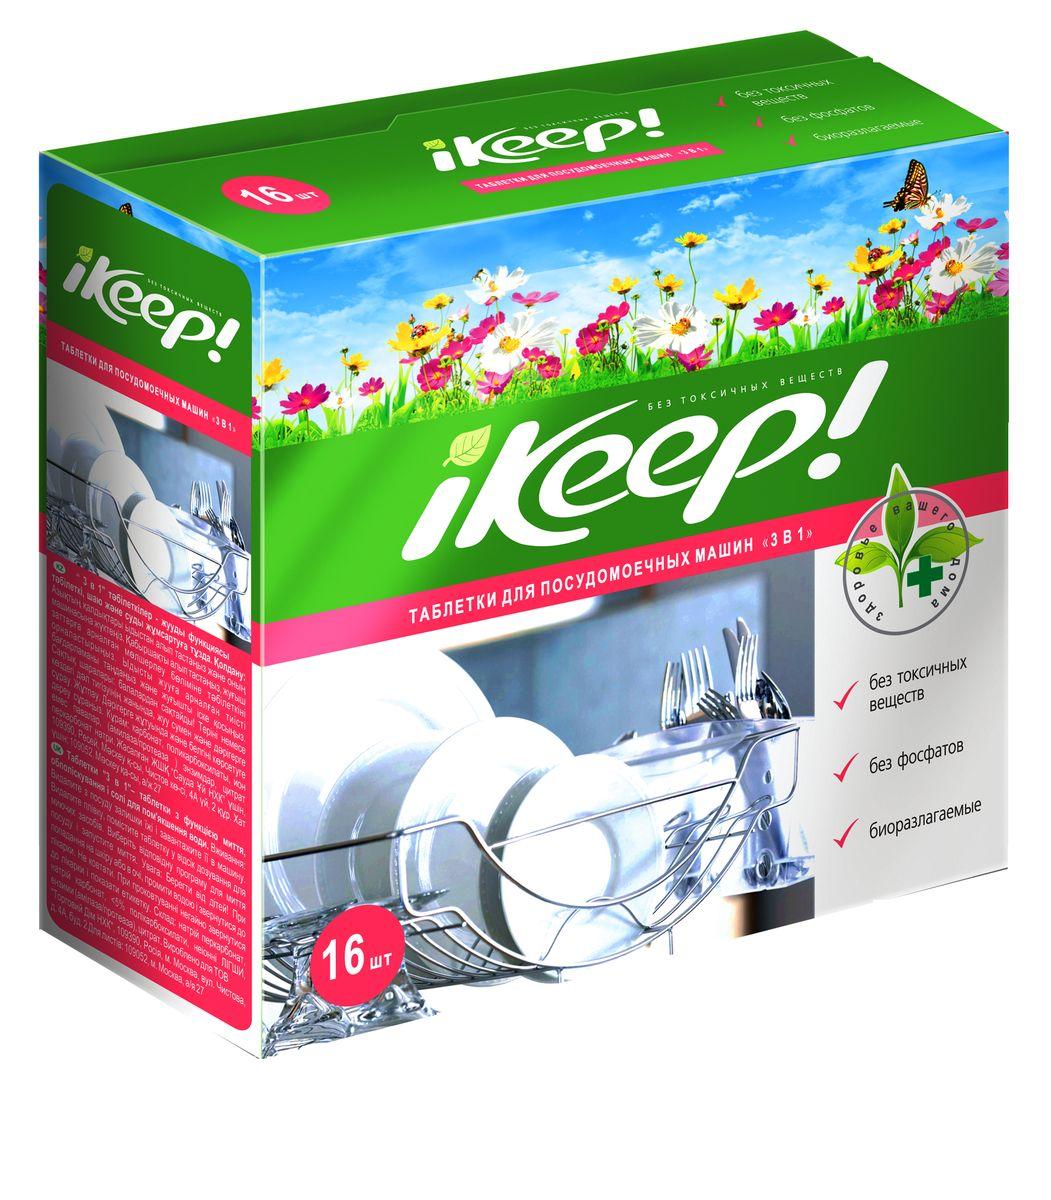 Таблетки для посудомоечной машины Ikeep 3 в 1, 16 штБТ006БЕЗ токсичных веществ, НЕ содержат фосфатов. Экологичные таблетки для посудомоечных машин. Формула с активным кислородом с добавлением энзимов (амилаза и протелаза) растворяет даже трудновыводимые засохшие остатки пищи любого происхождения. Средство не требует дополнительного применения ополаскивателя и соли. Содержит специальные добавки для смягчения воды и энзимы для растворения жиров и крахмала.